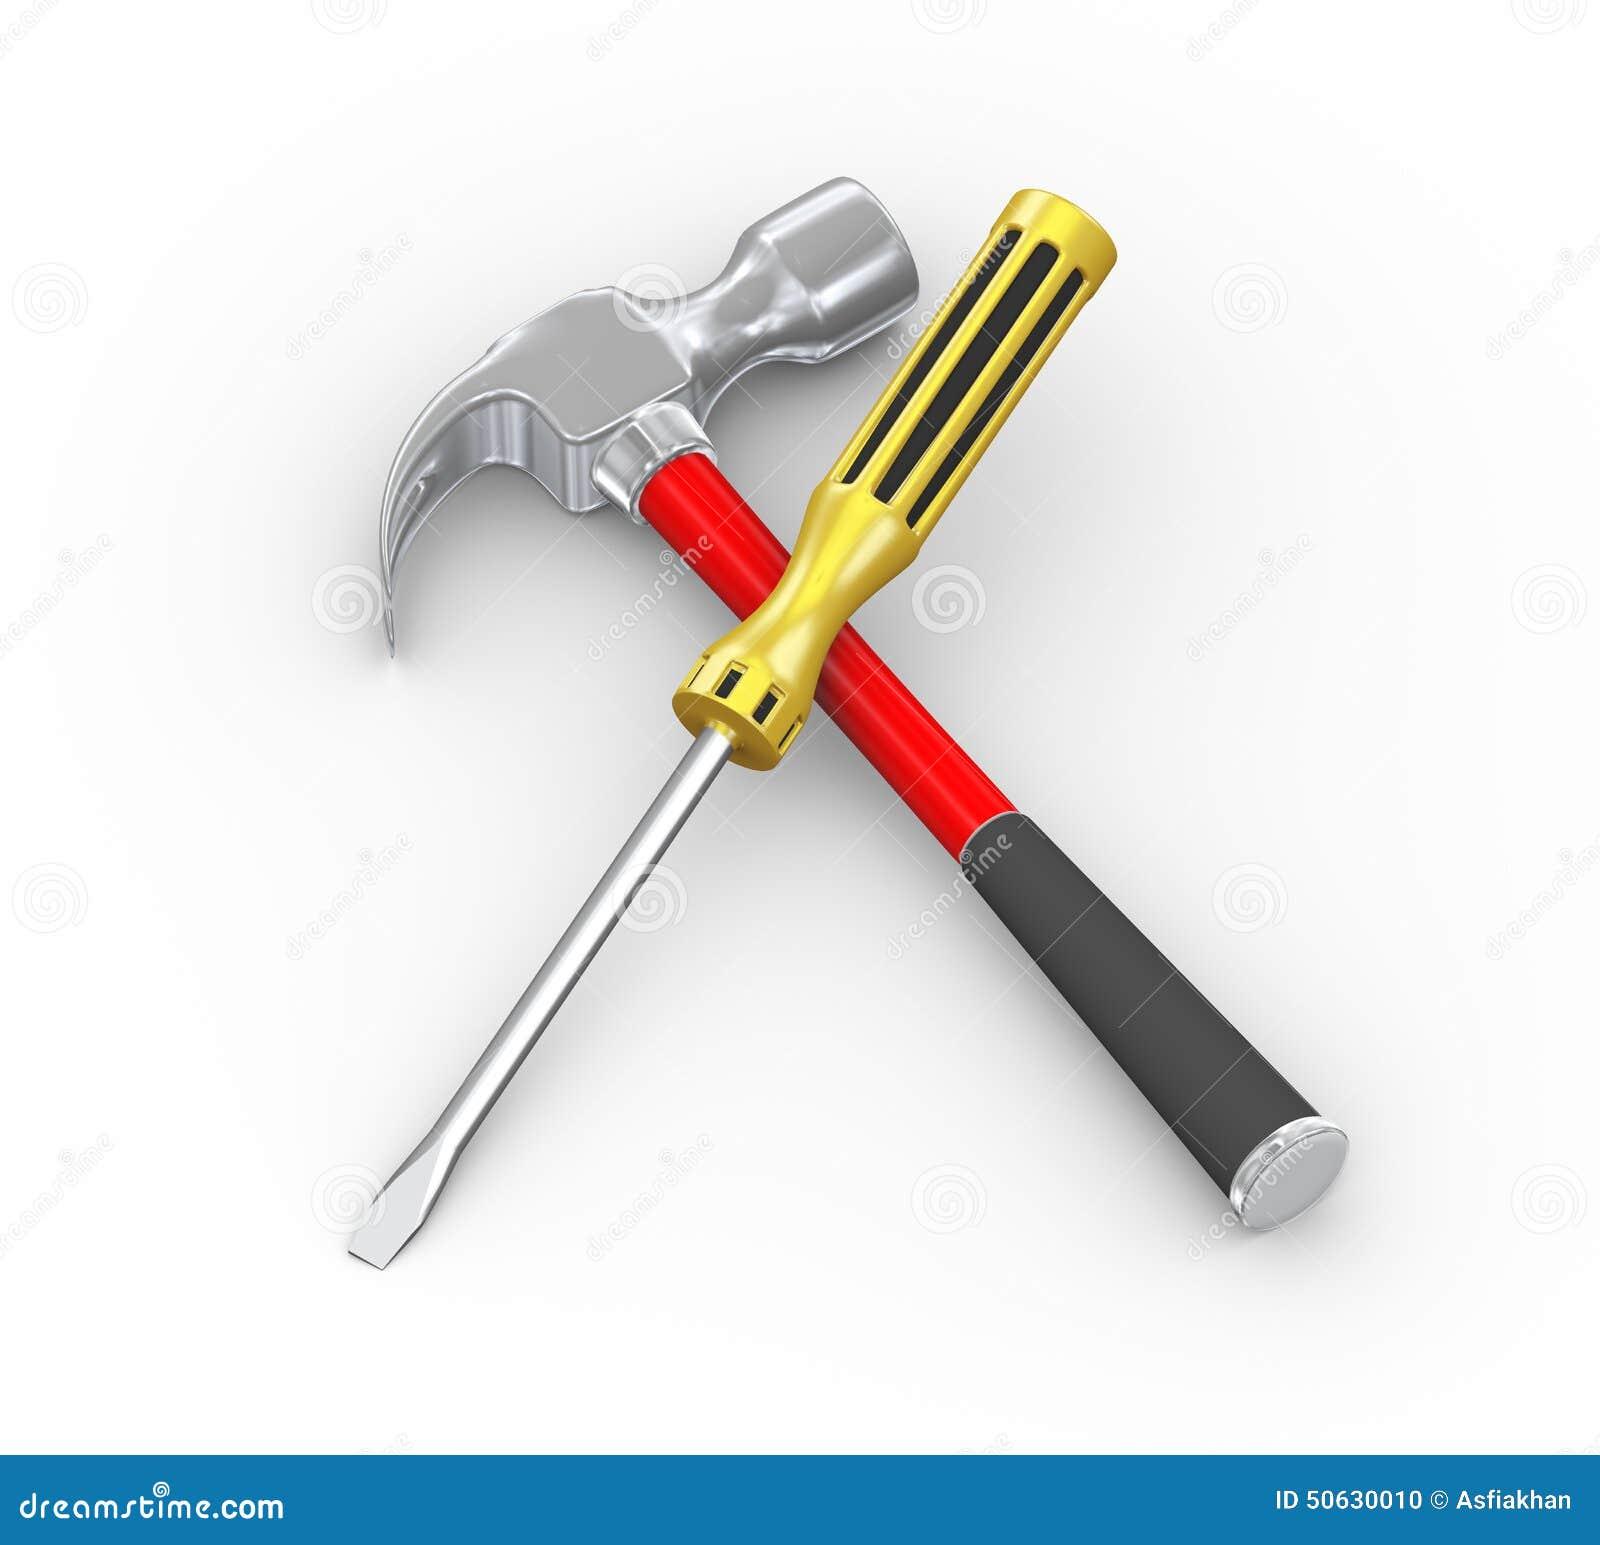 螺丝刀工具